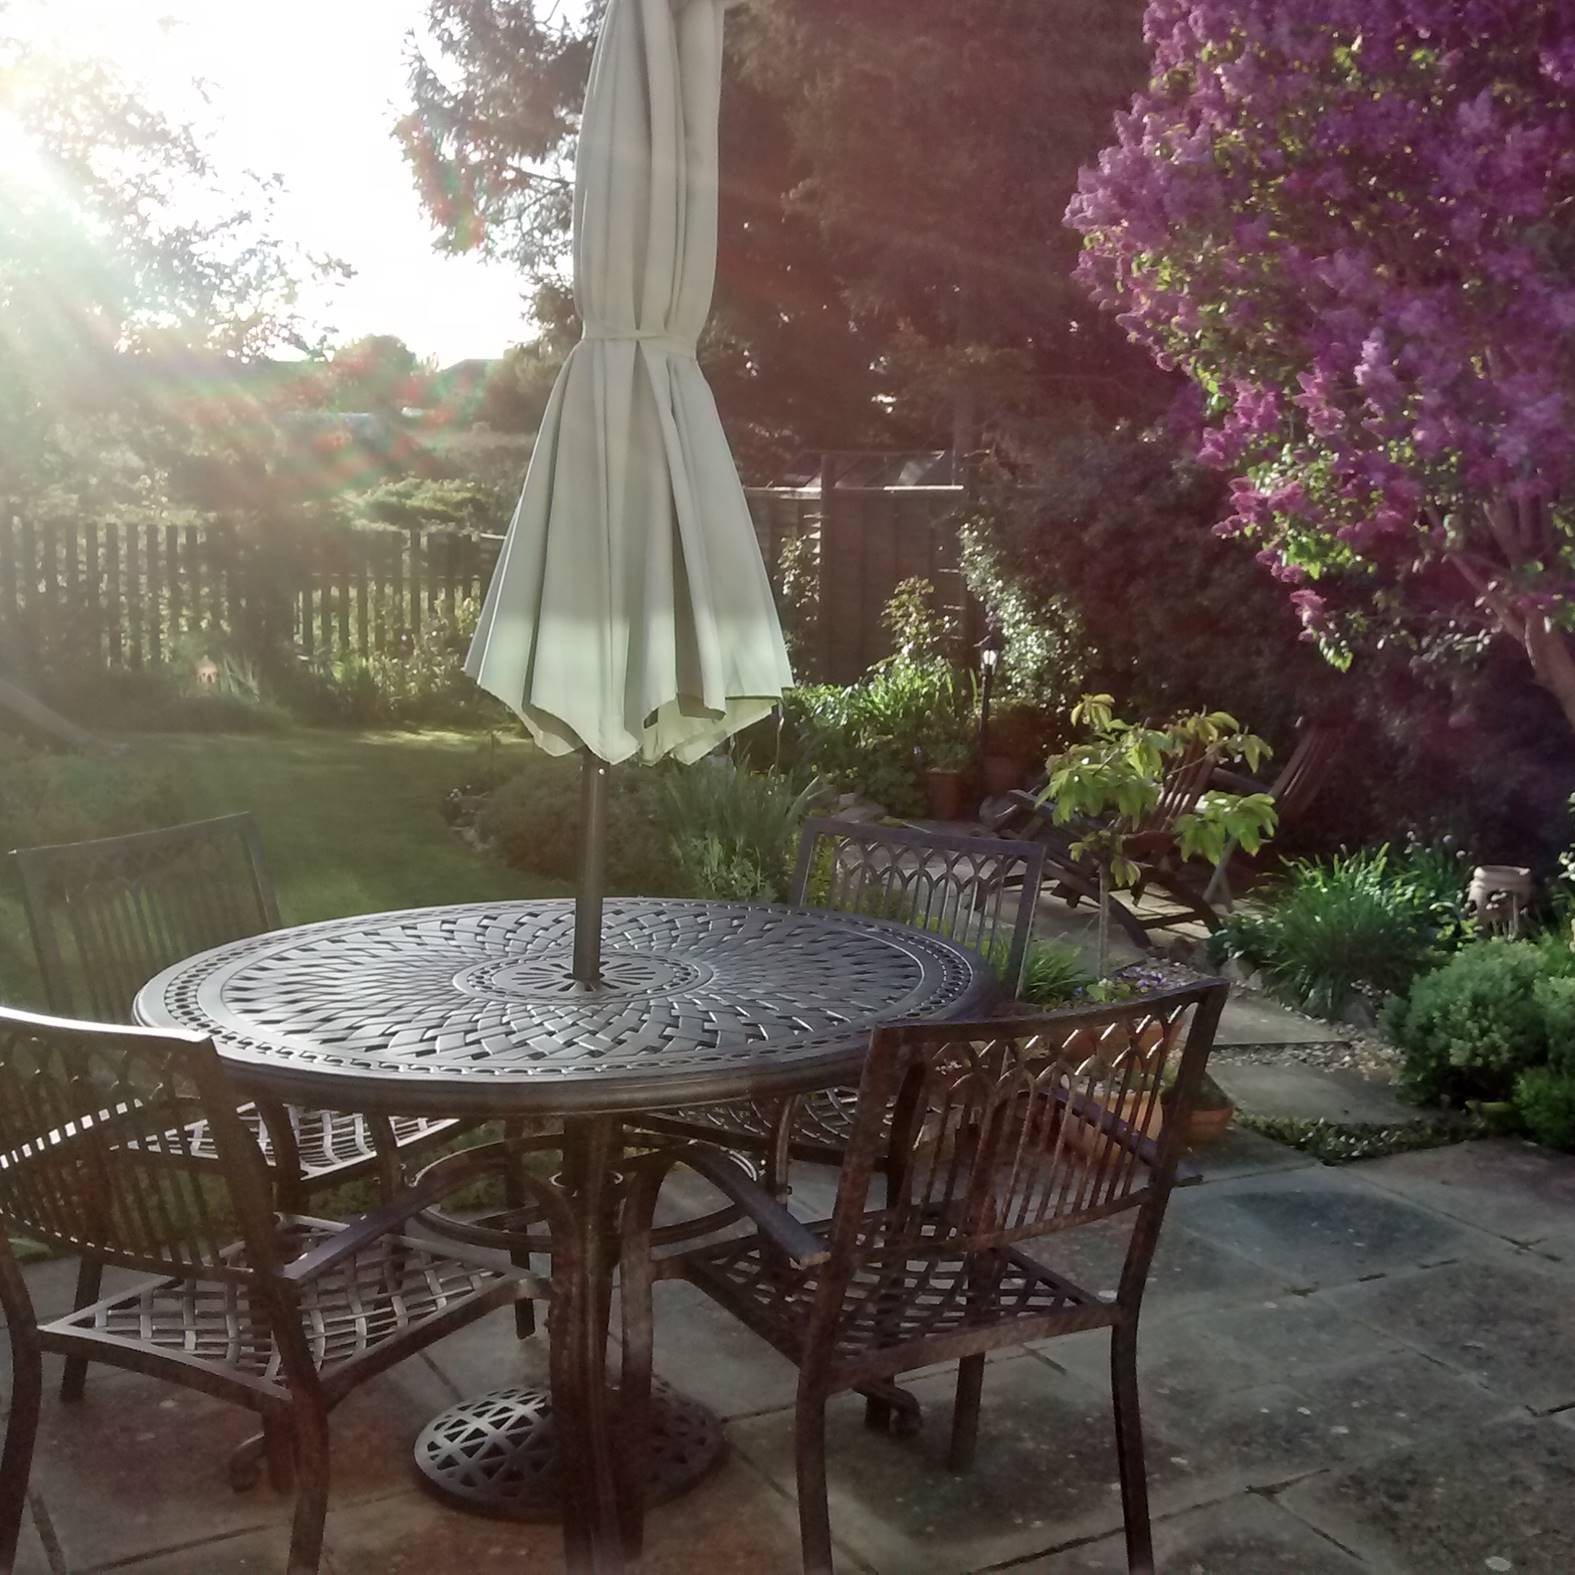 Le Blog De Lazy Susan | Meubles De Jardin, Déco Et Bons ... destiné Bon Plan Salon De Jardin